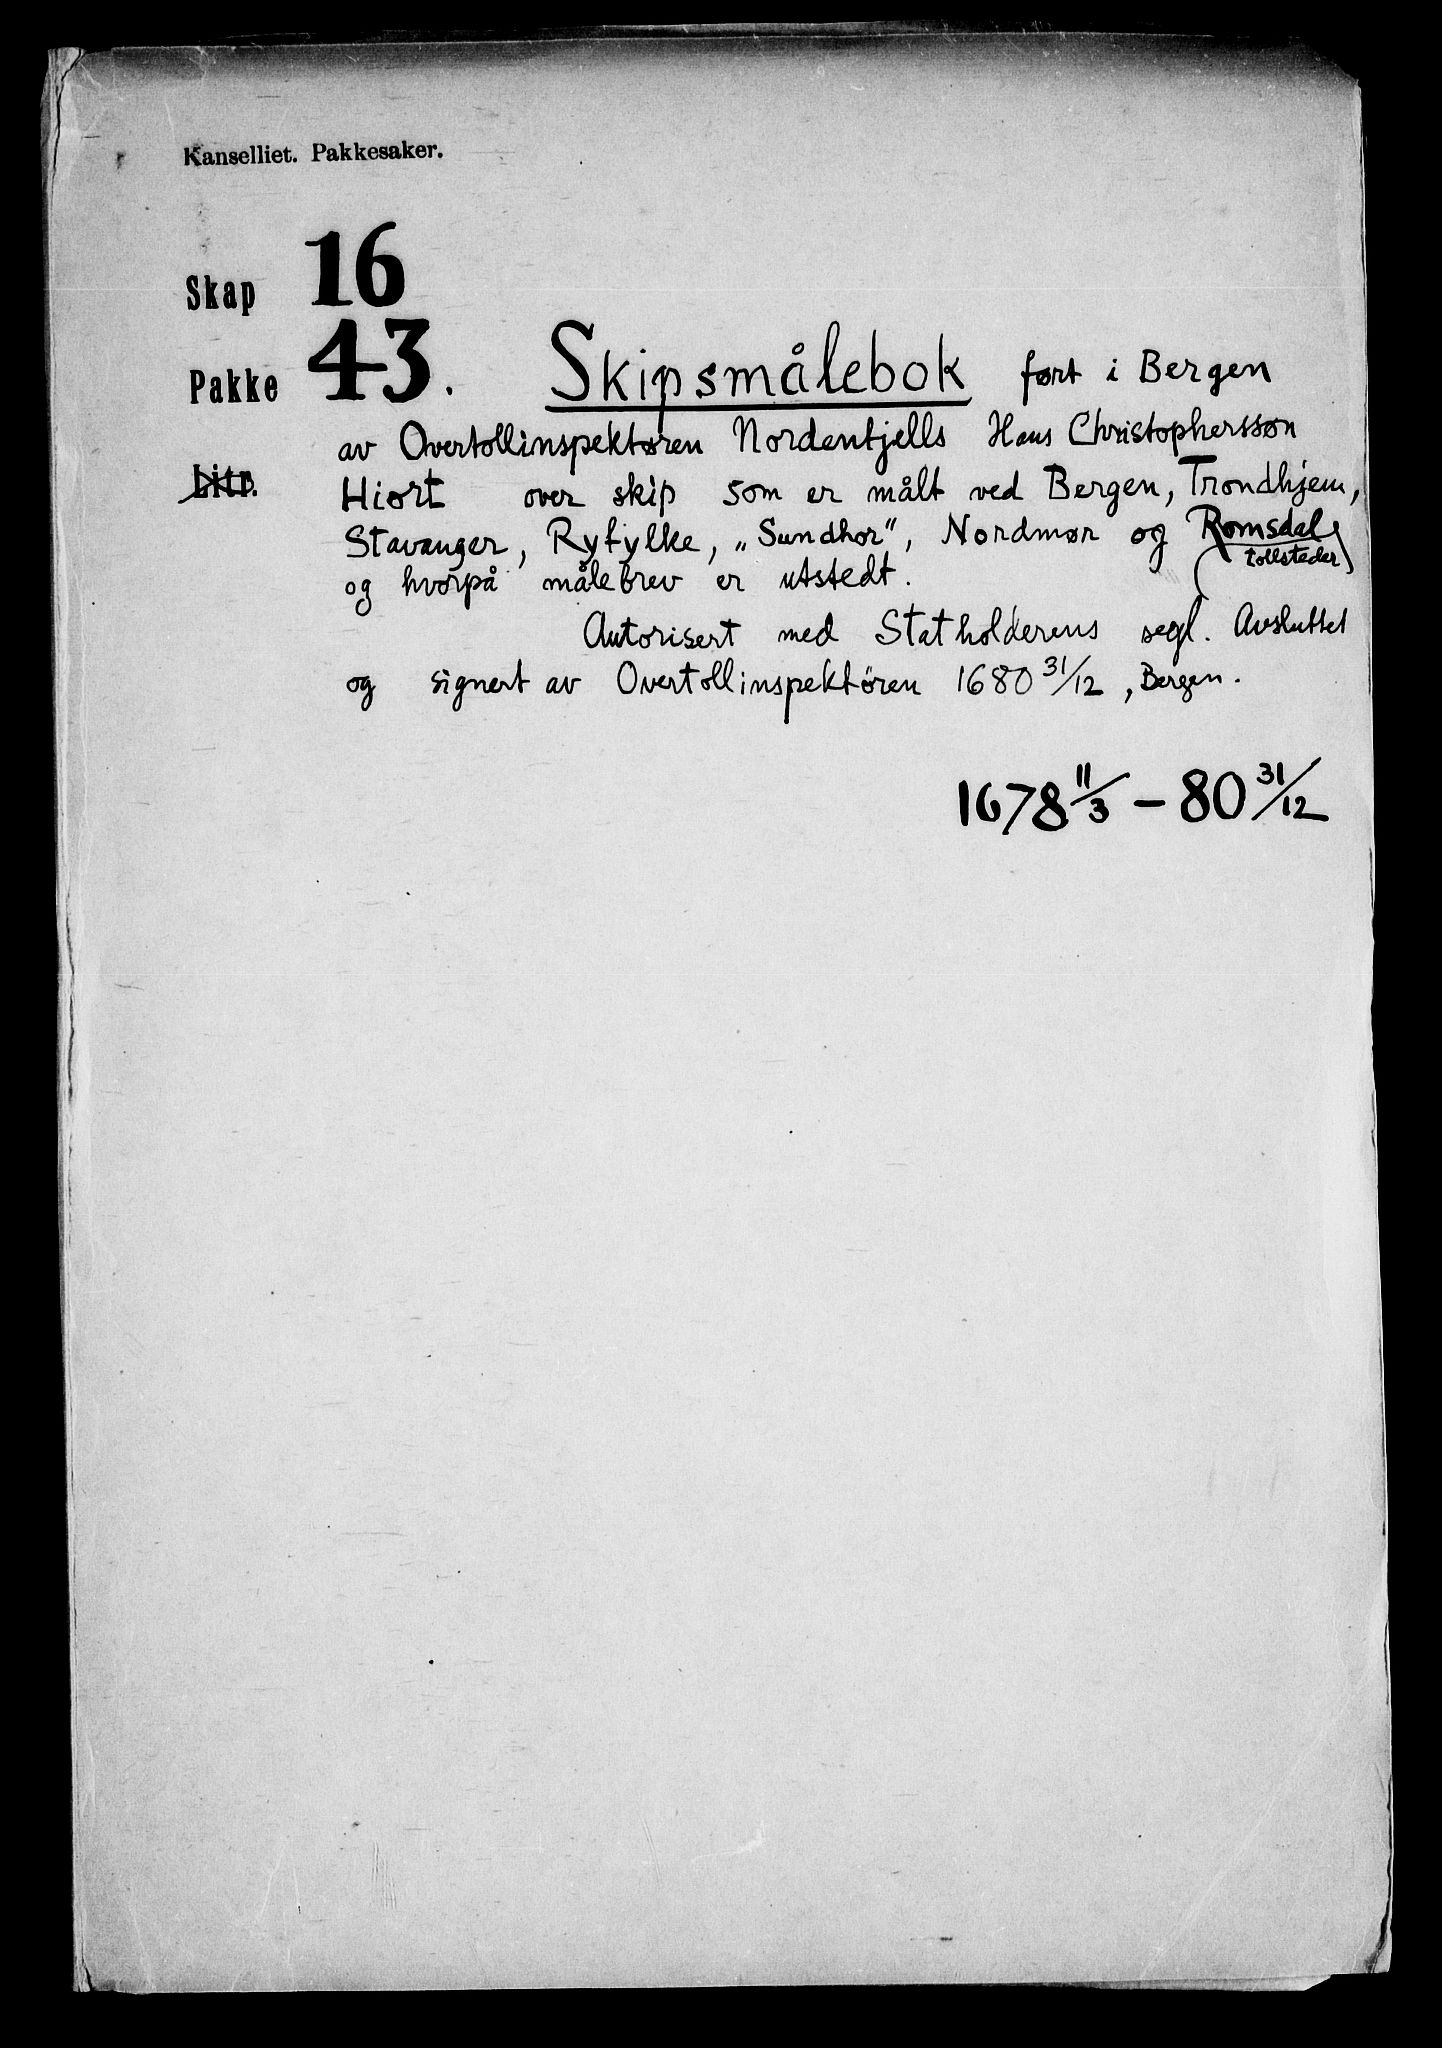 RA, Danske Kanselli, Skapsaker, F/L0116: Skap 16, pakke 42-47, 1625-1717, s. 2